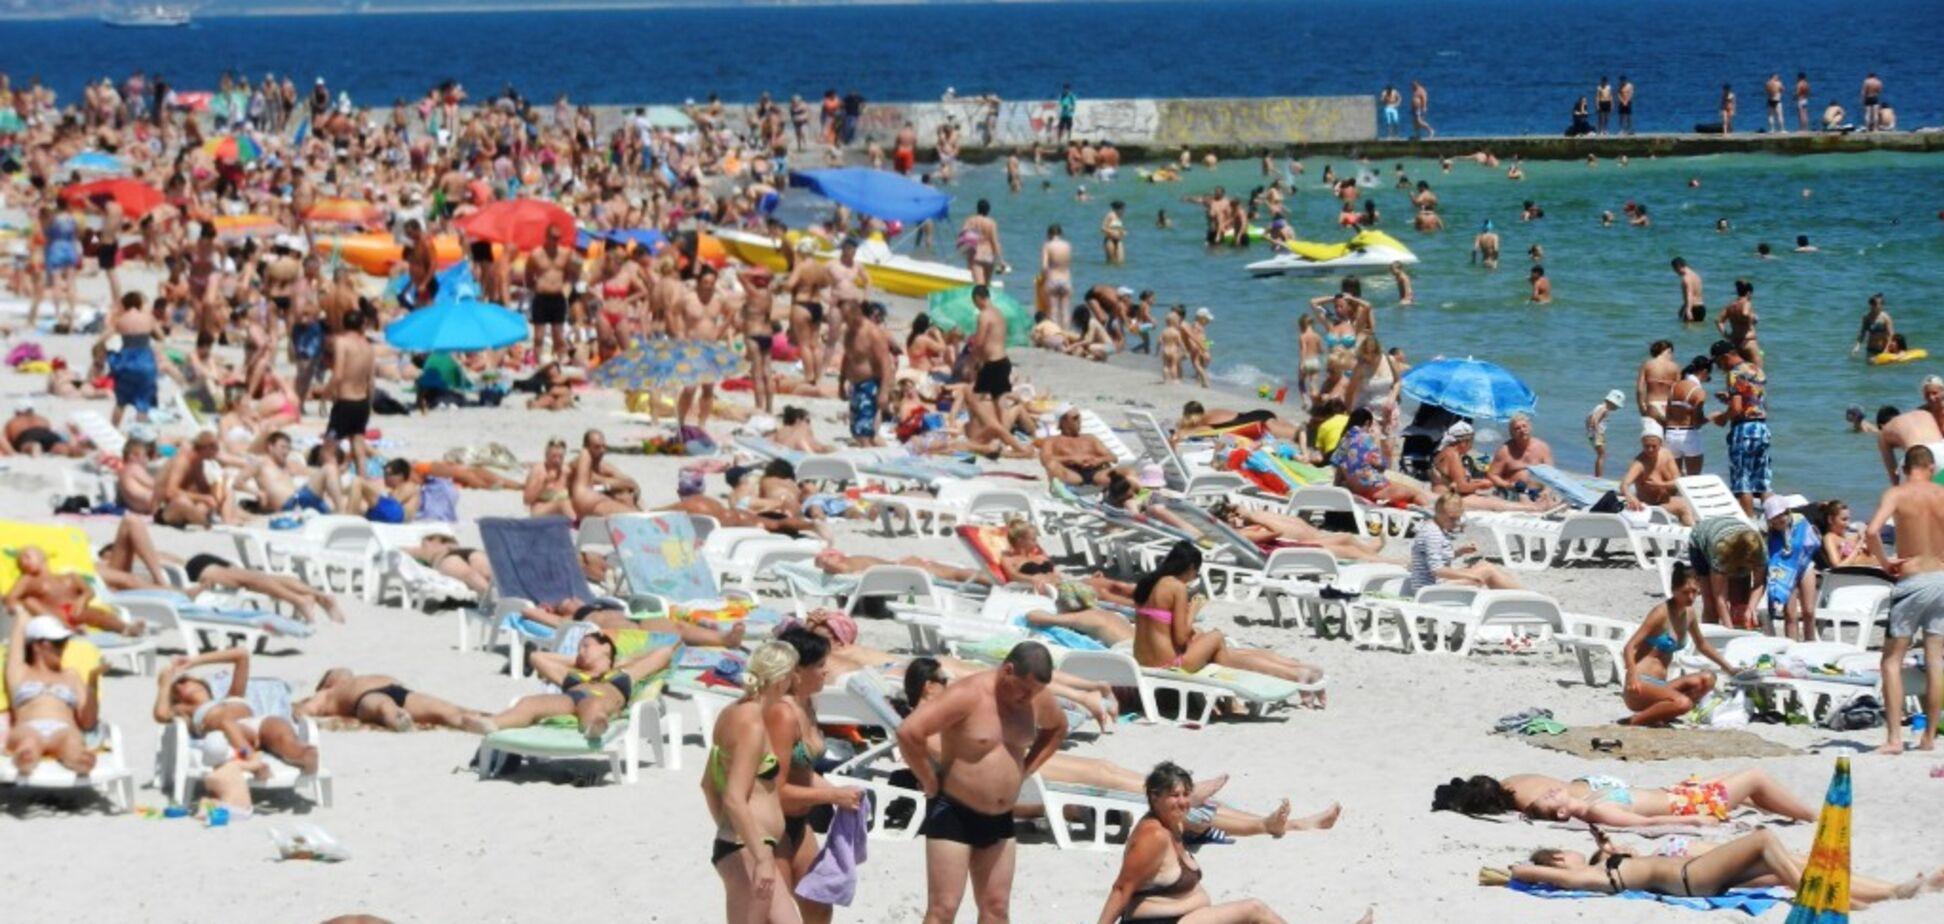 Украинцев 'кидают' на курортах: жертвы предупредили о коварной афере